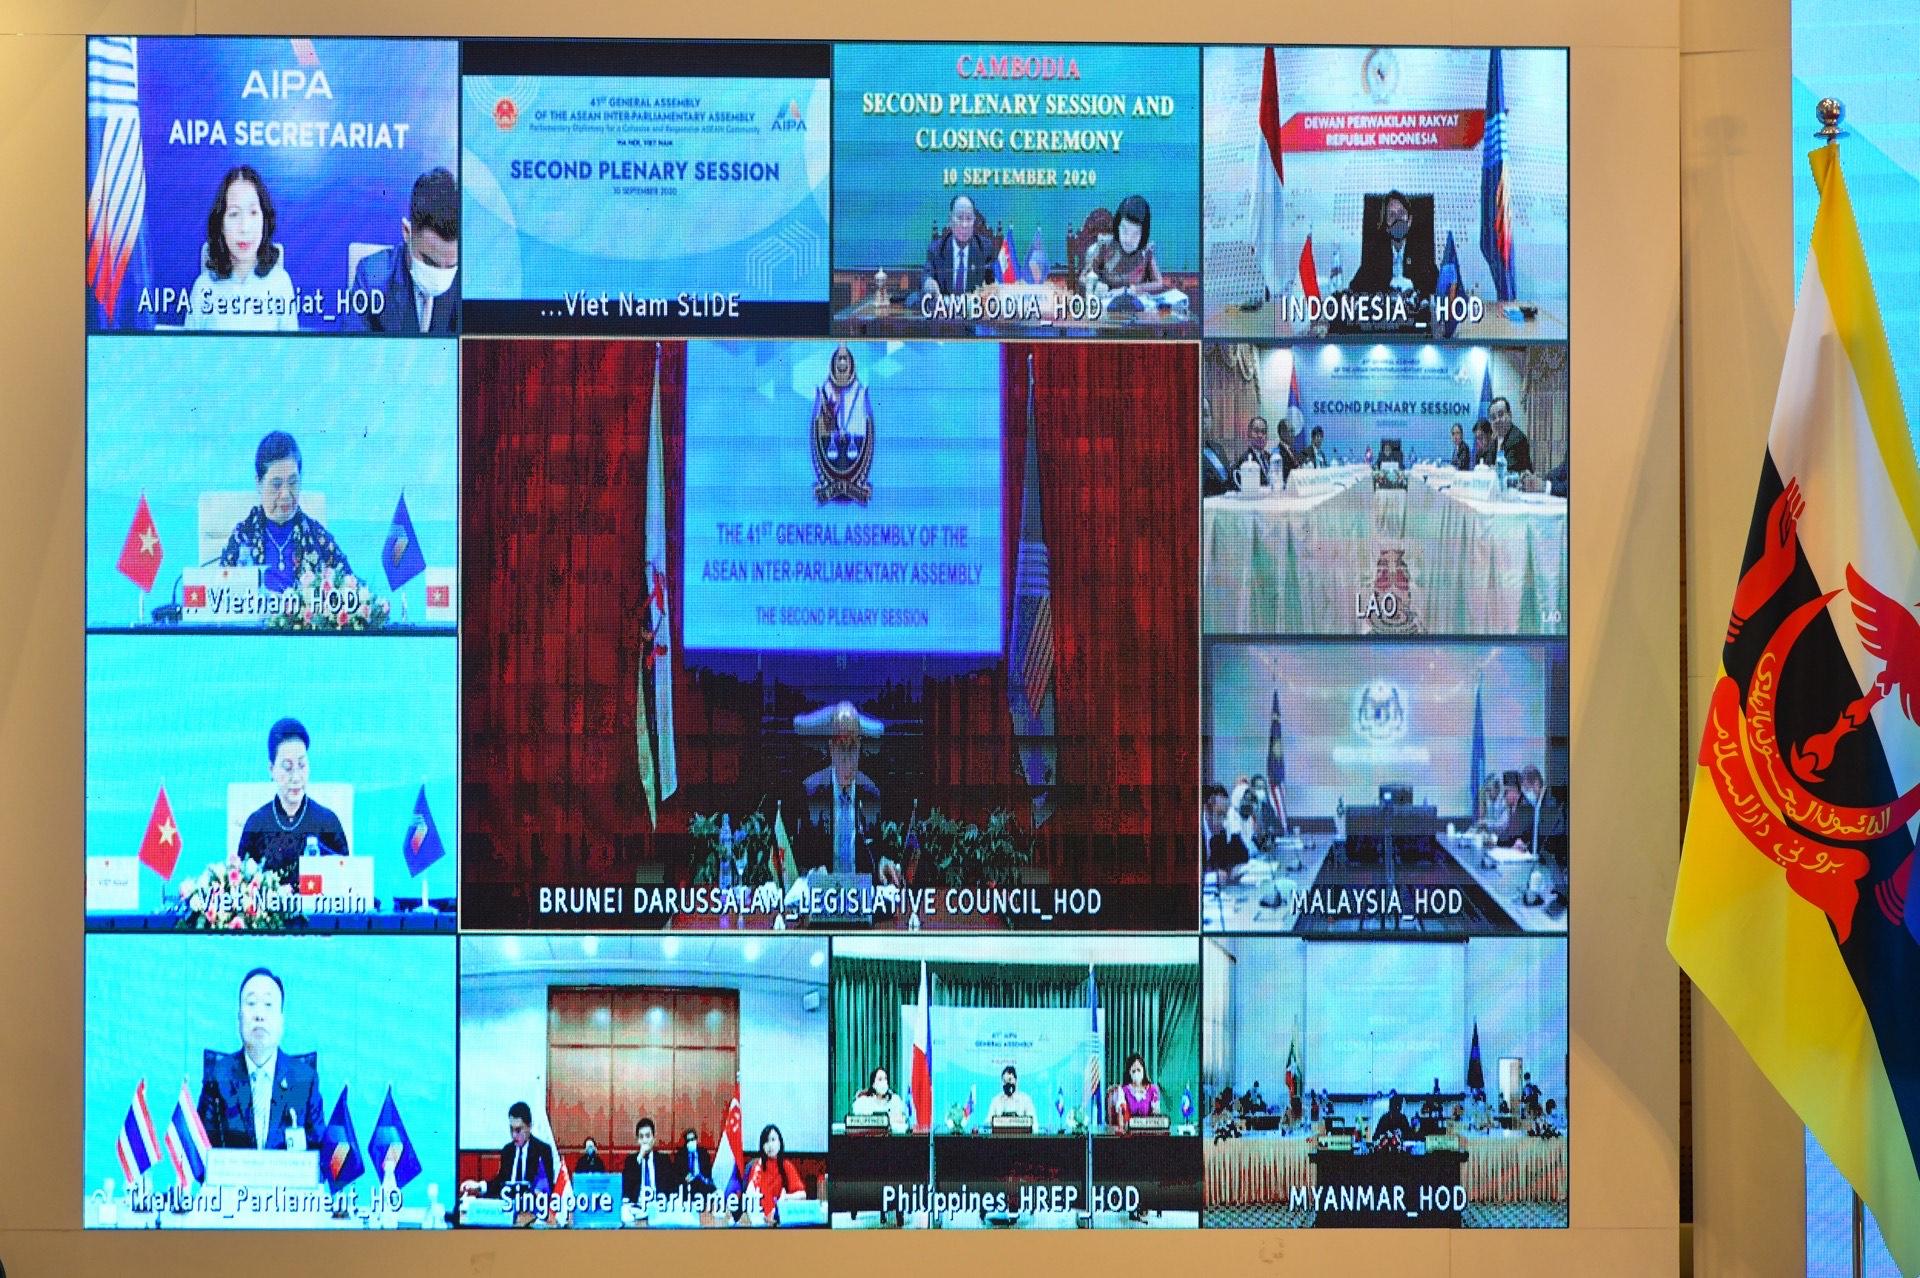 Đại hội đồng AIPA 41 và dấu ấn Quốc hội Việt Nam - 4